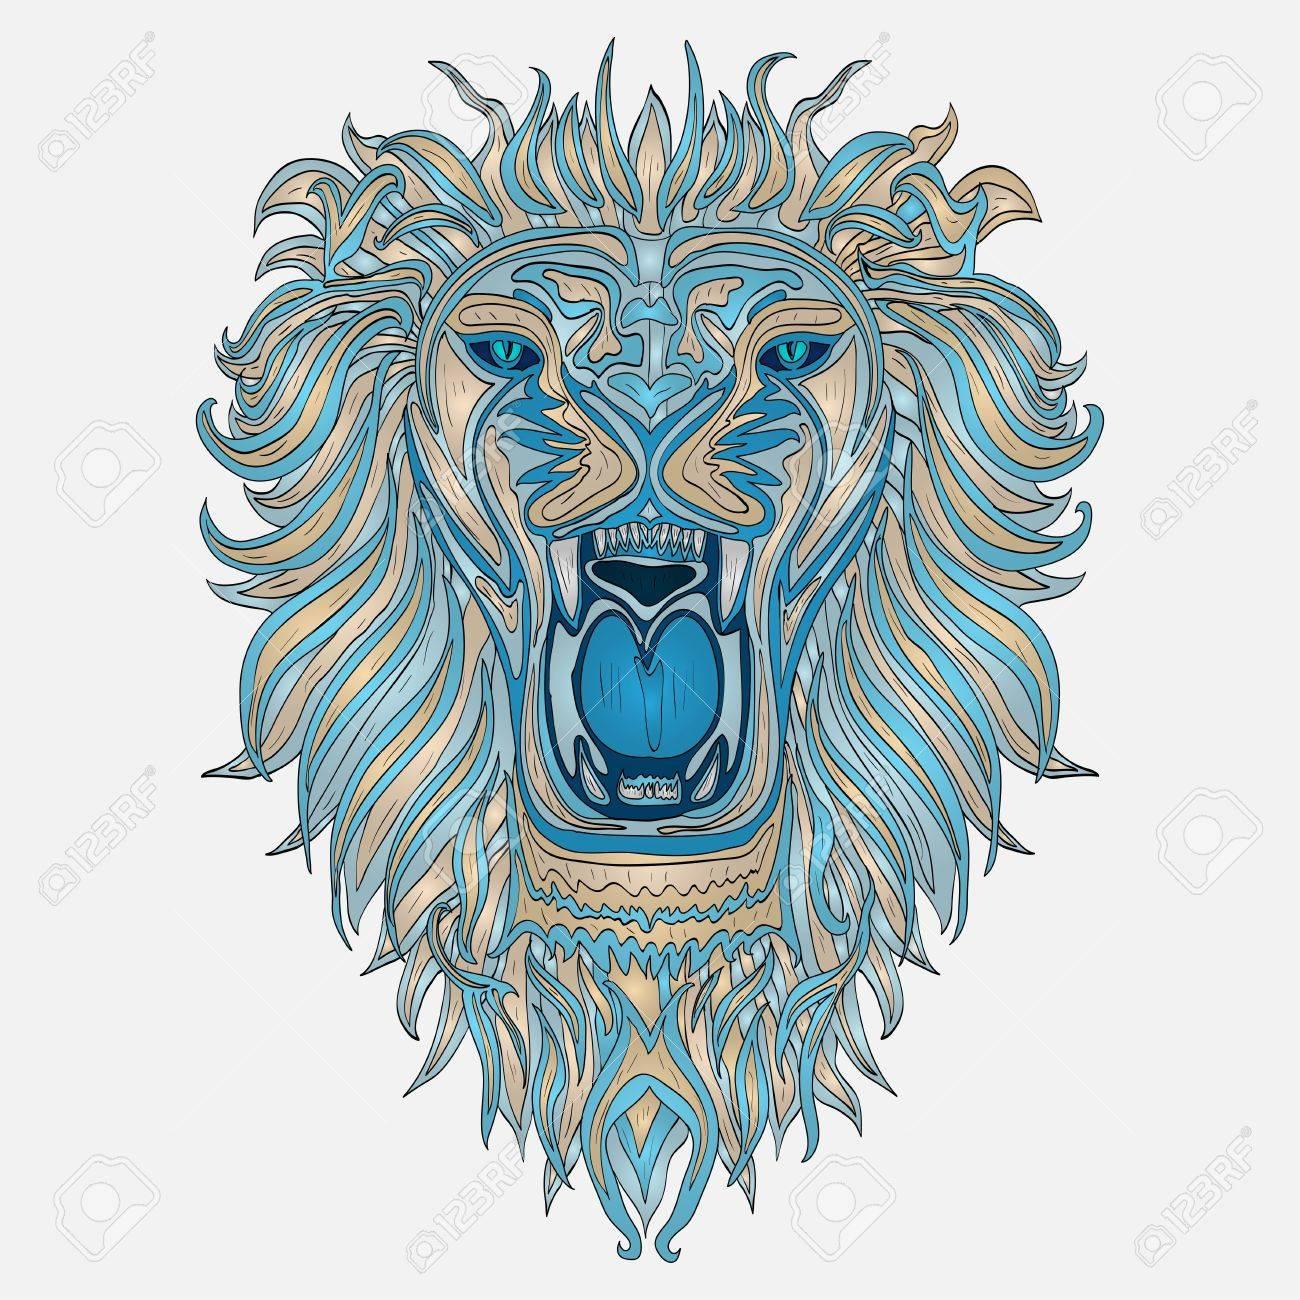 Tete Motif Du Lion Design Totem De Tatouage Indien Africaine